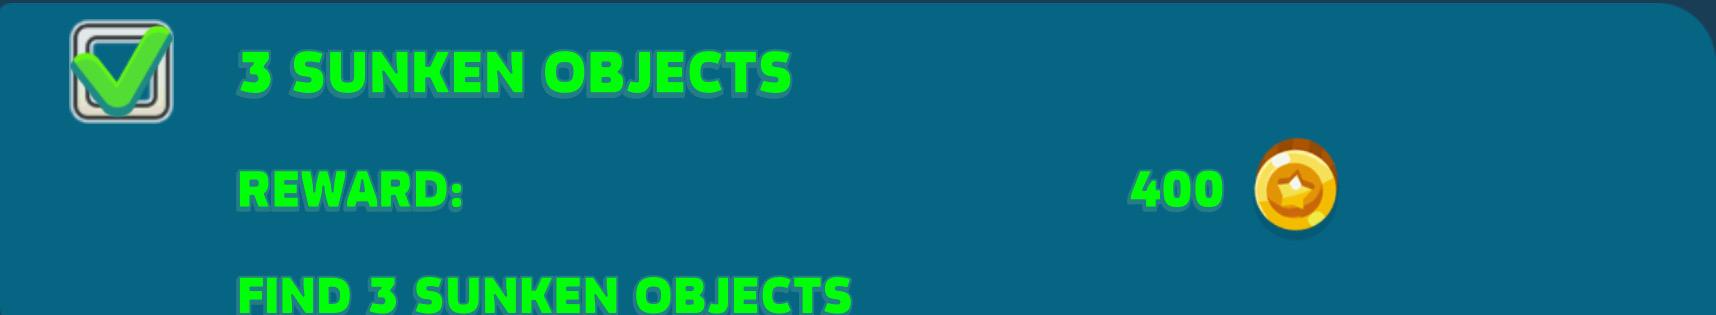 3 Sunken Objects